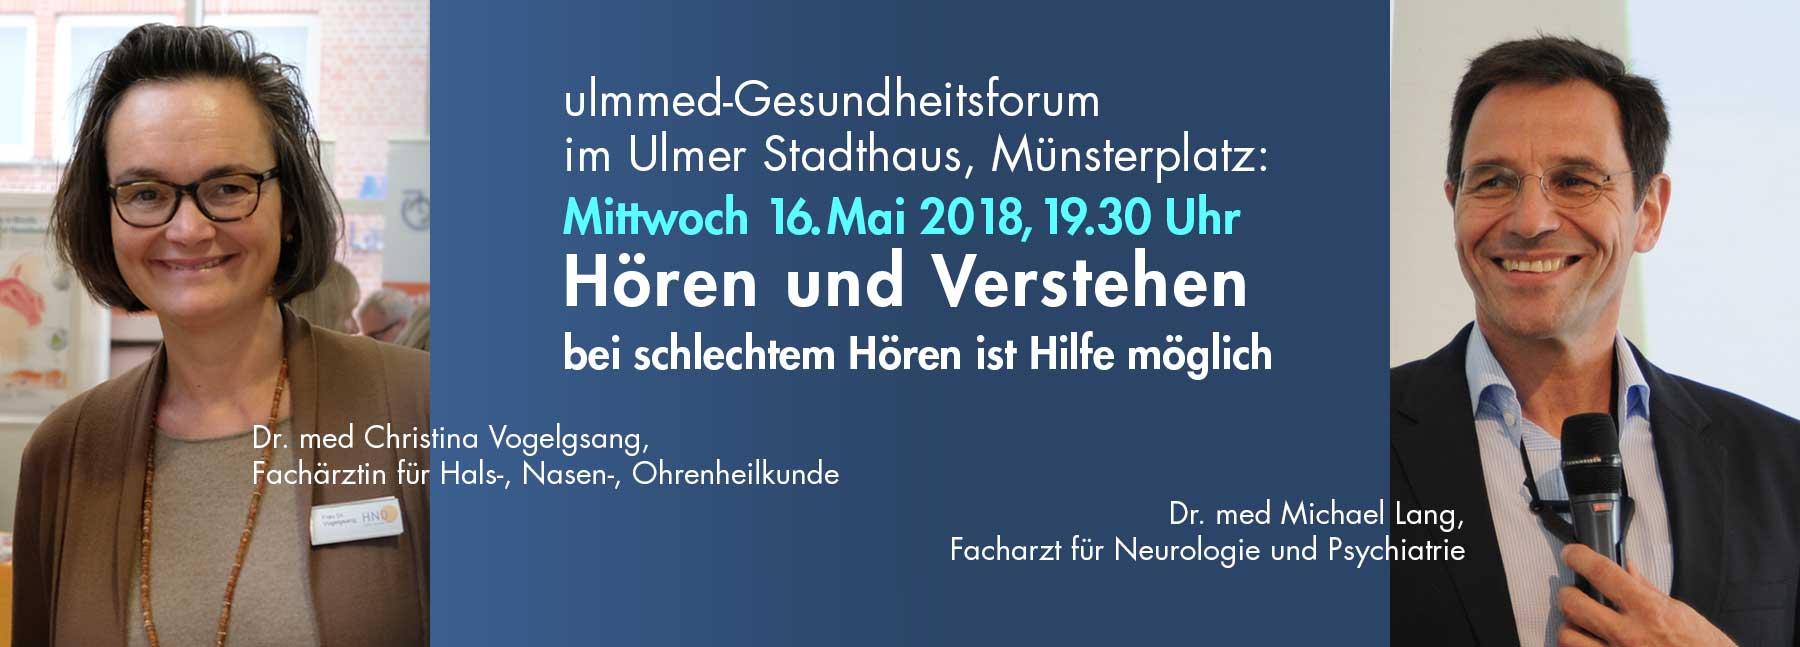 Gesundheitsforum 16.5.2018 Hören und Verstehen